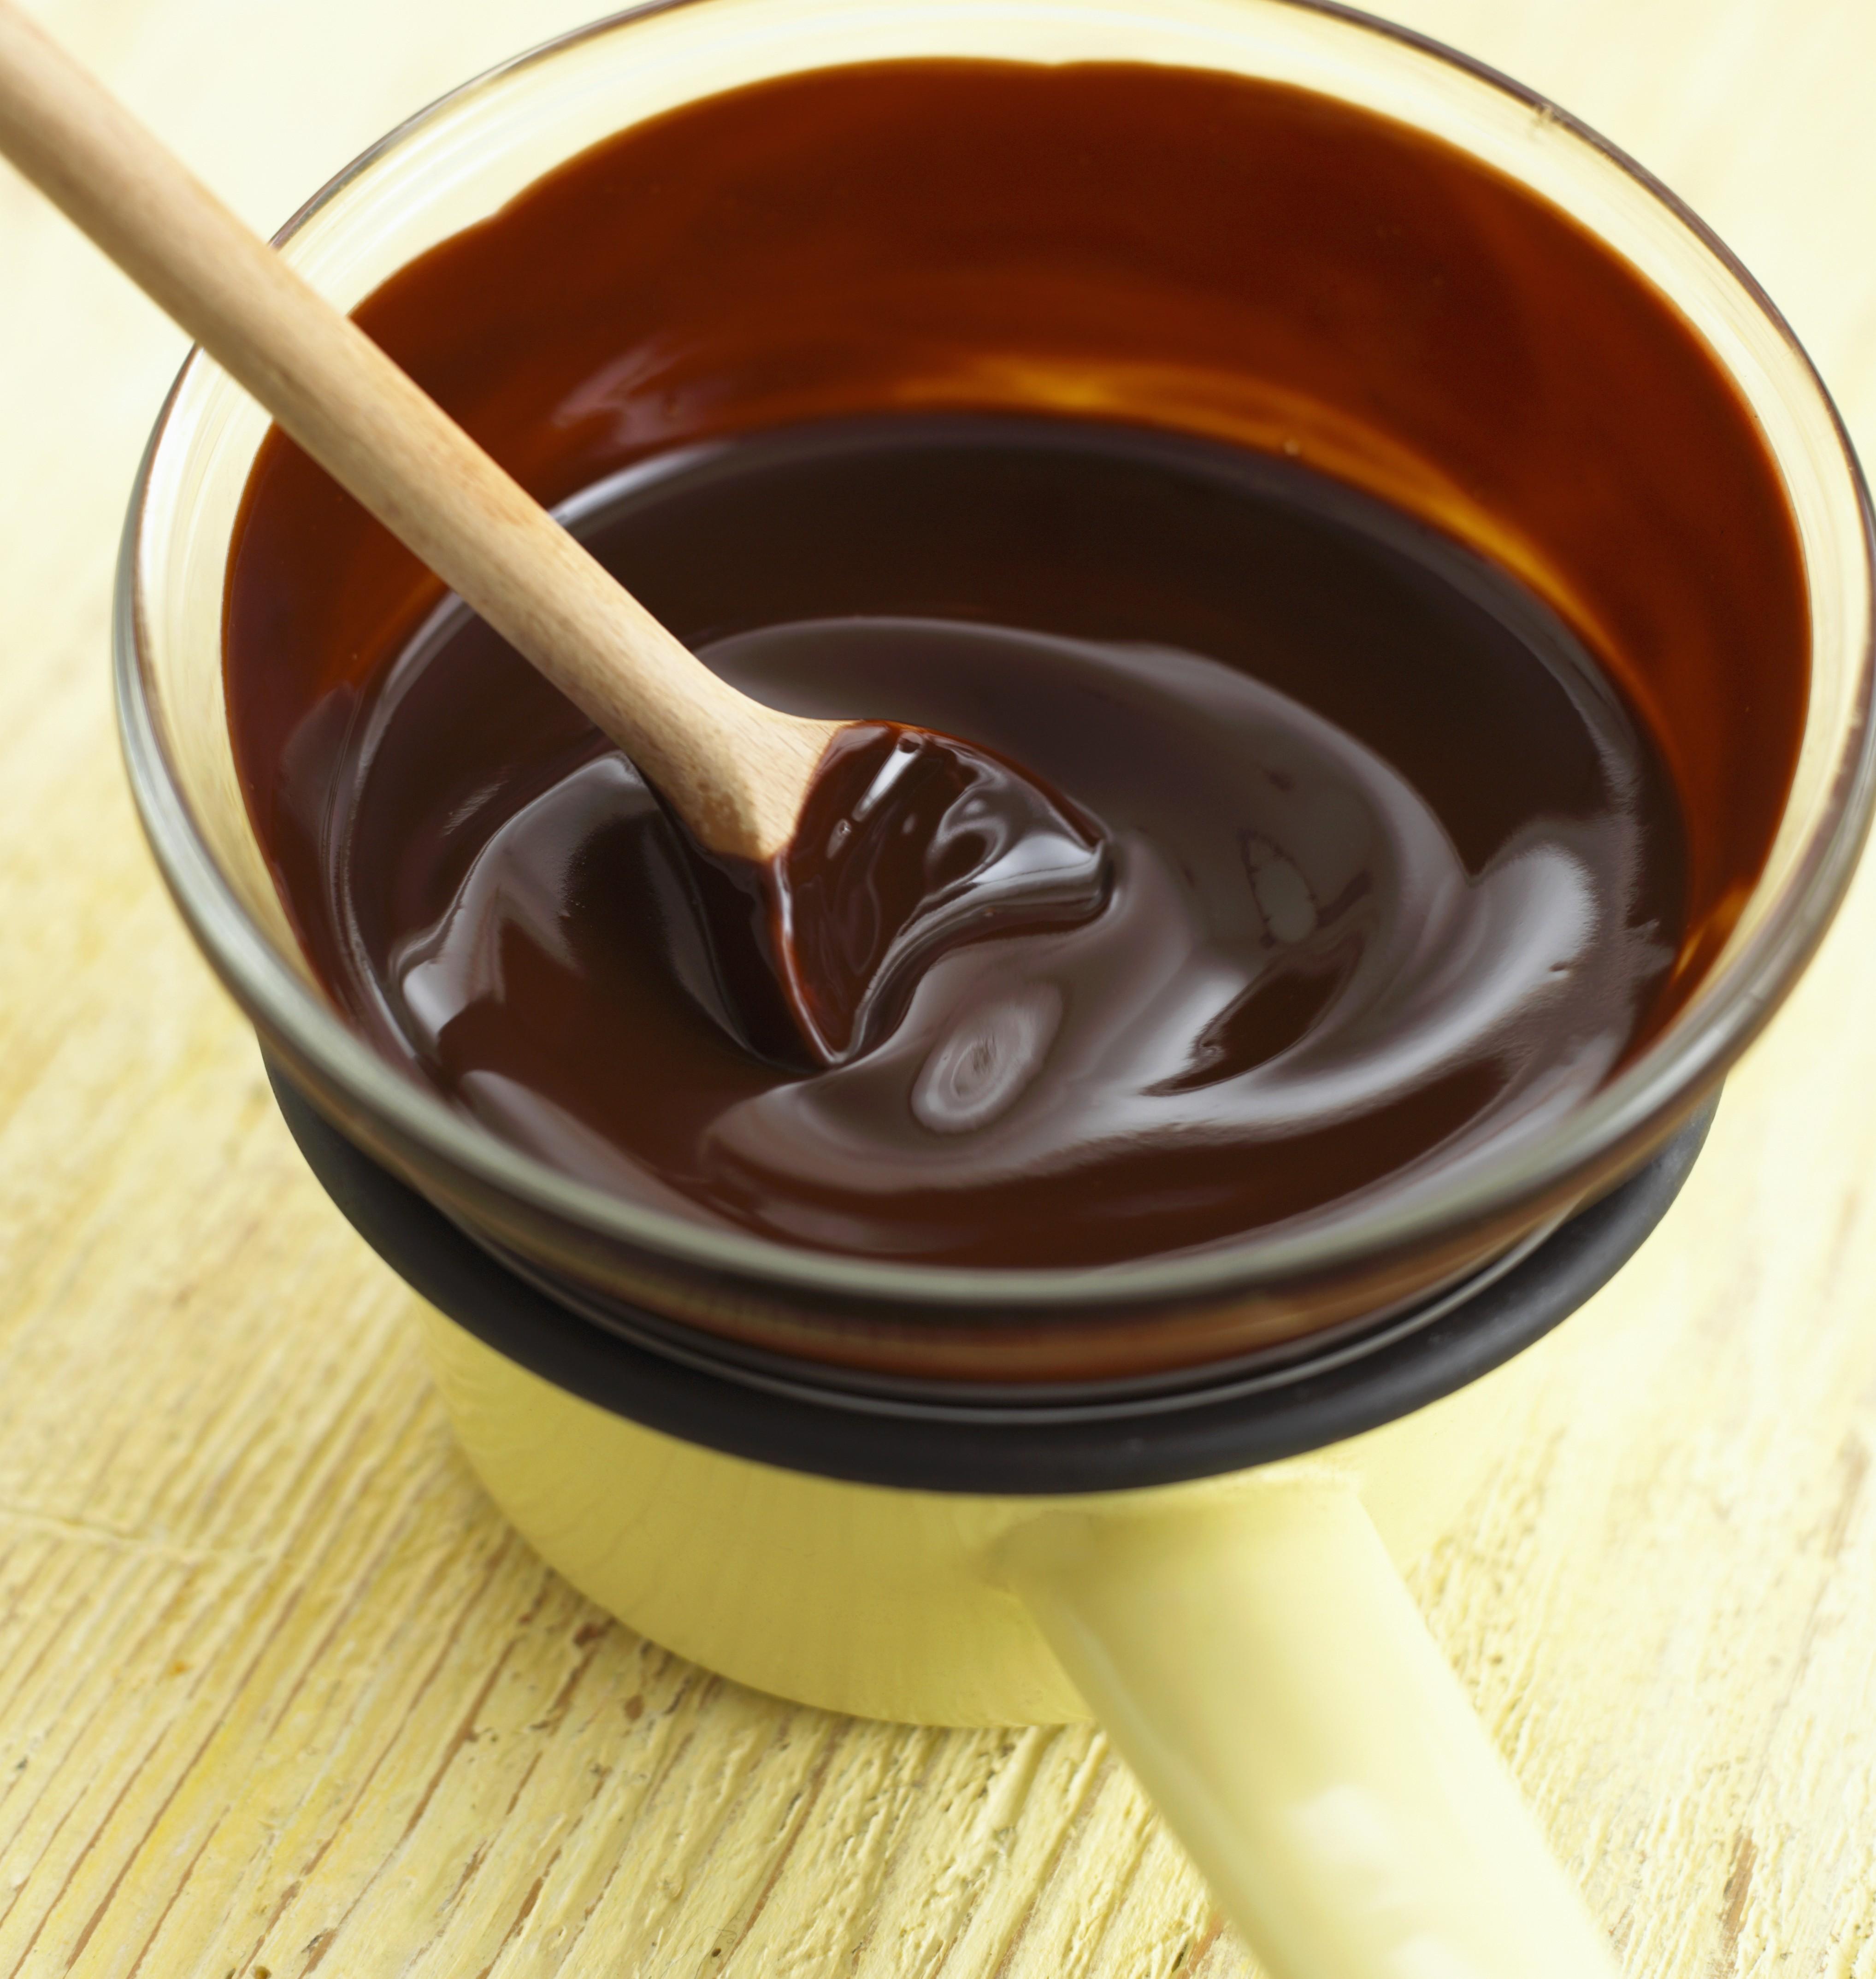 Glassa cioccolato per torte ricetta